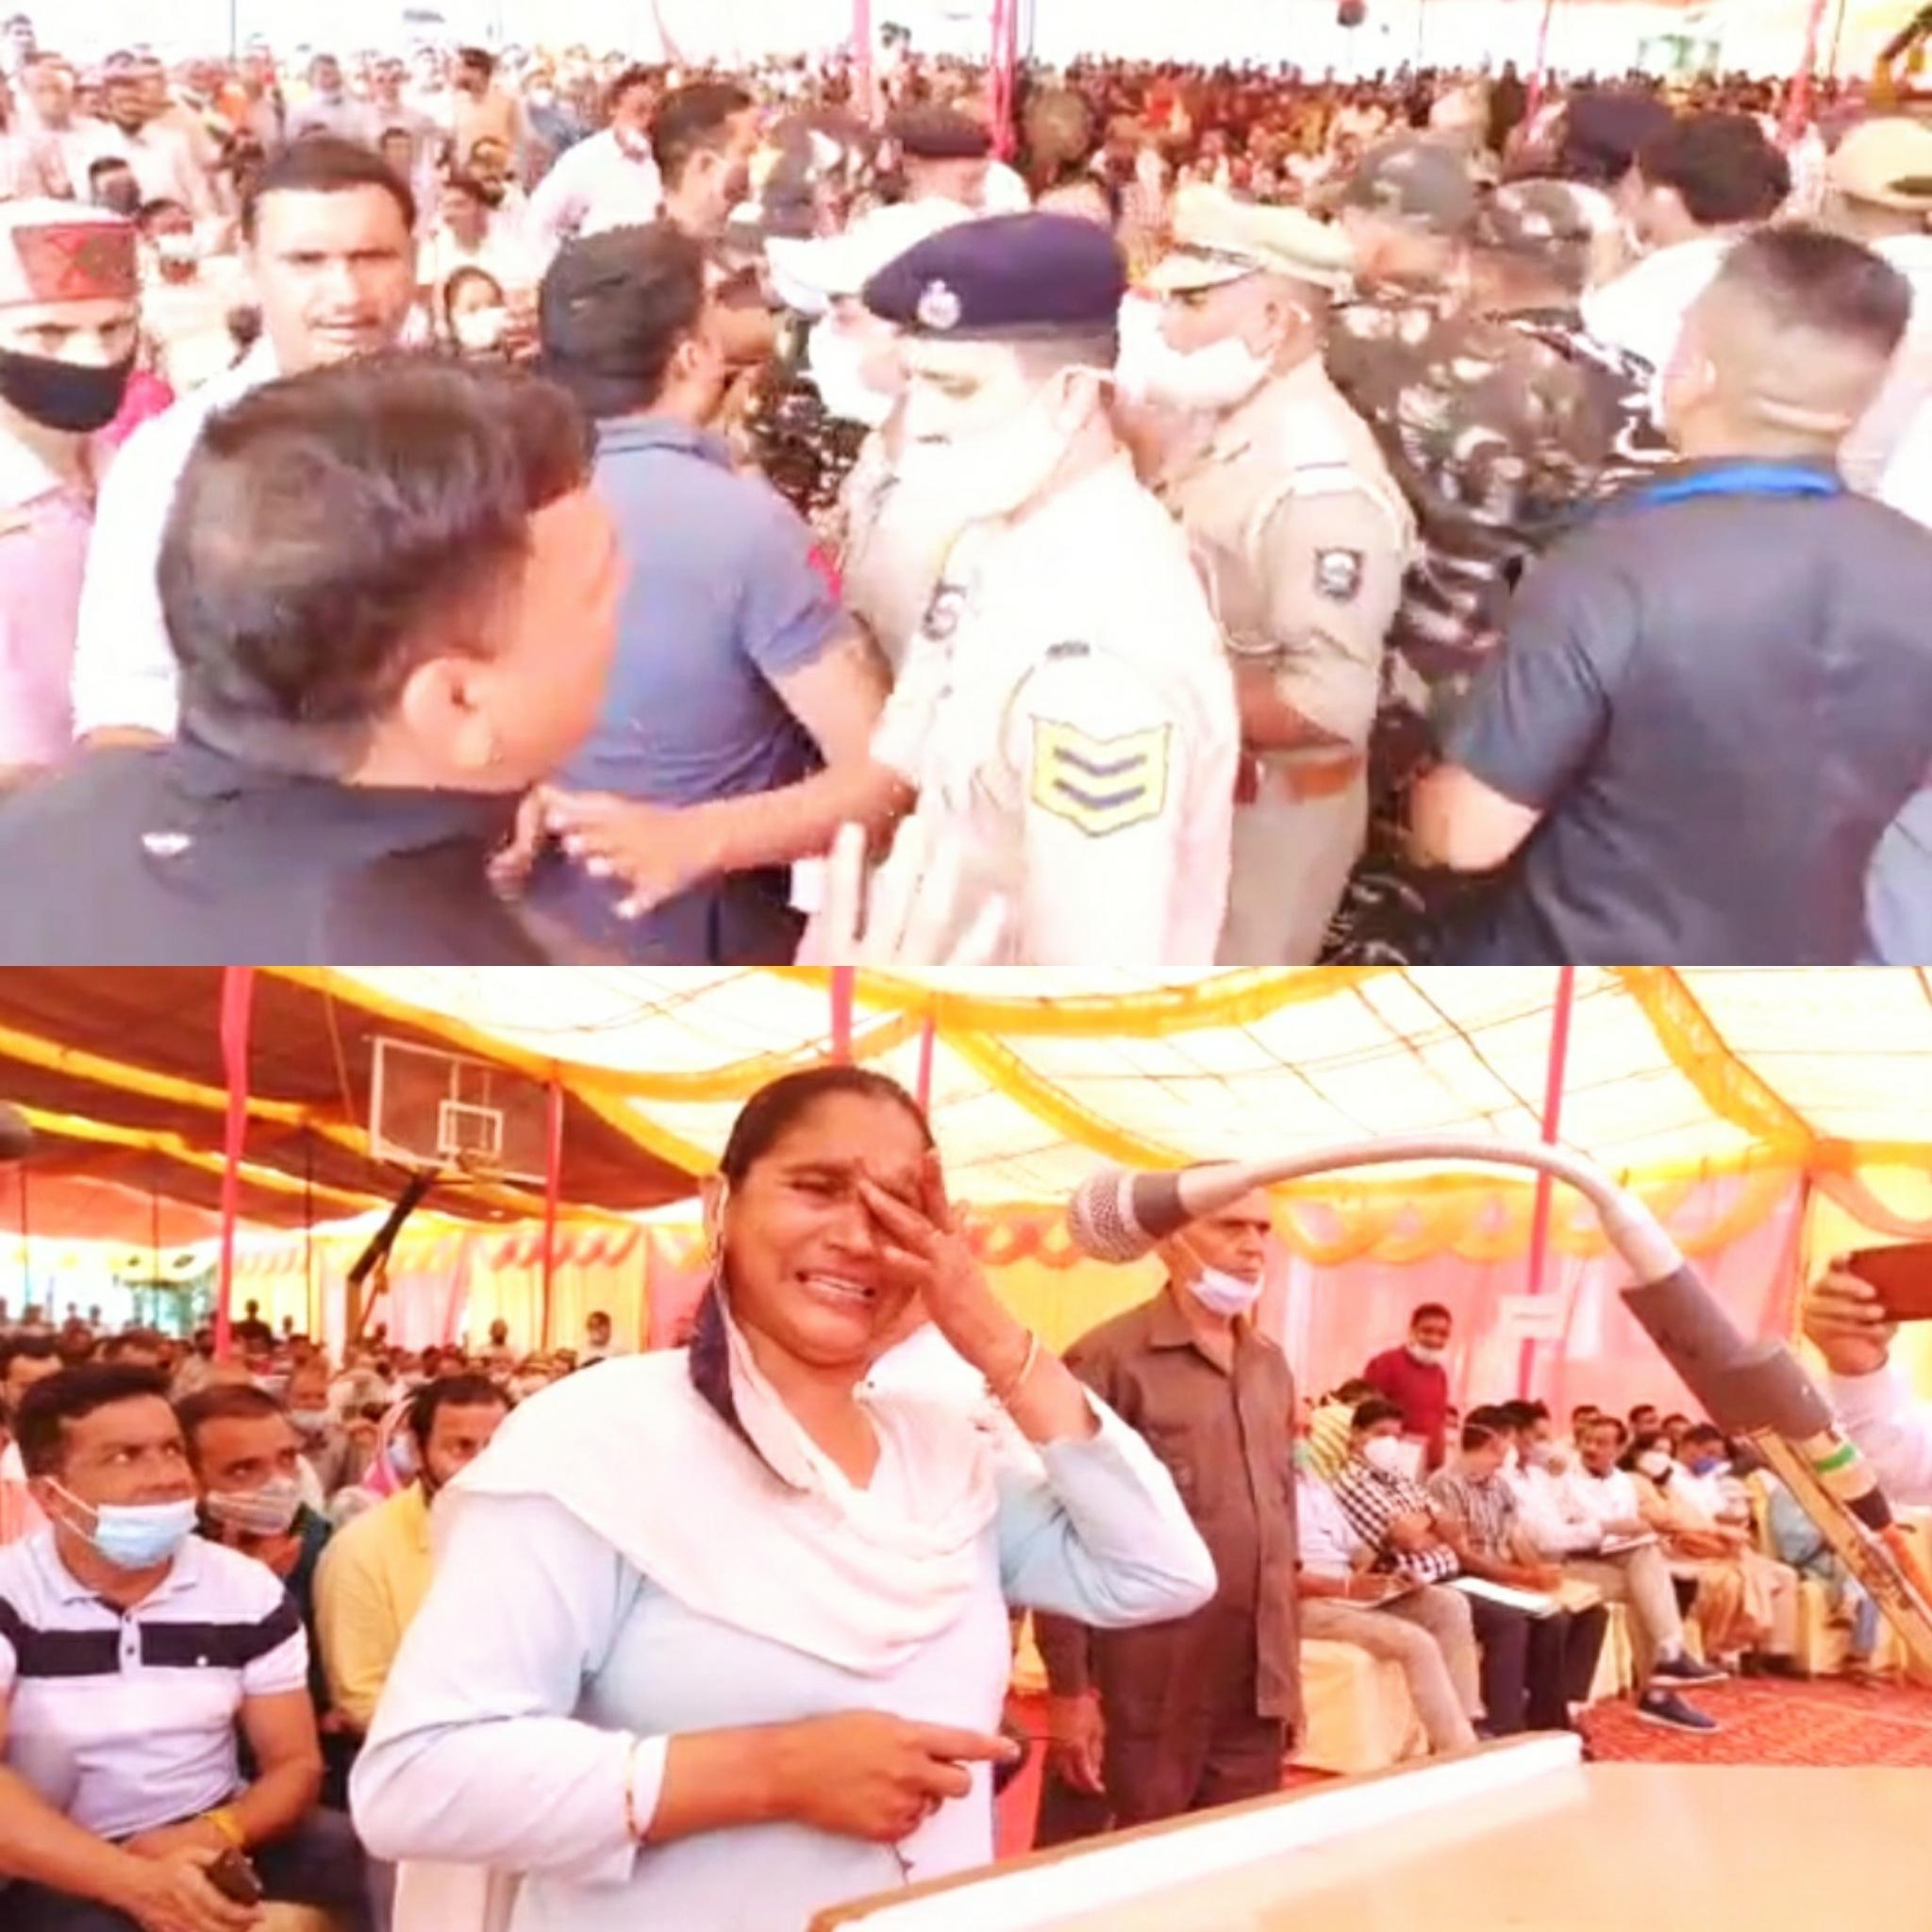 जनमंच में खनन के मुद्दे पर सुखराम के सामने ही भिड़े दो गुट, महिला ने रोते हुए कहा- 15 साल से पानी नहीं, मंत्री बोले अधिकारियों पर एक्शन लो